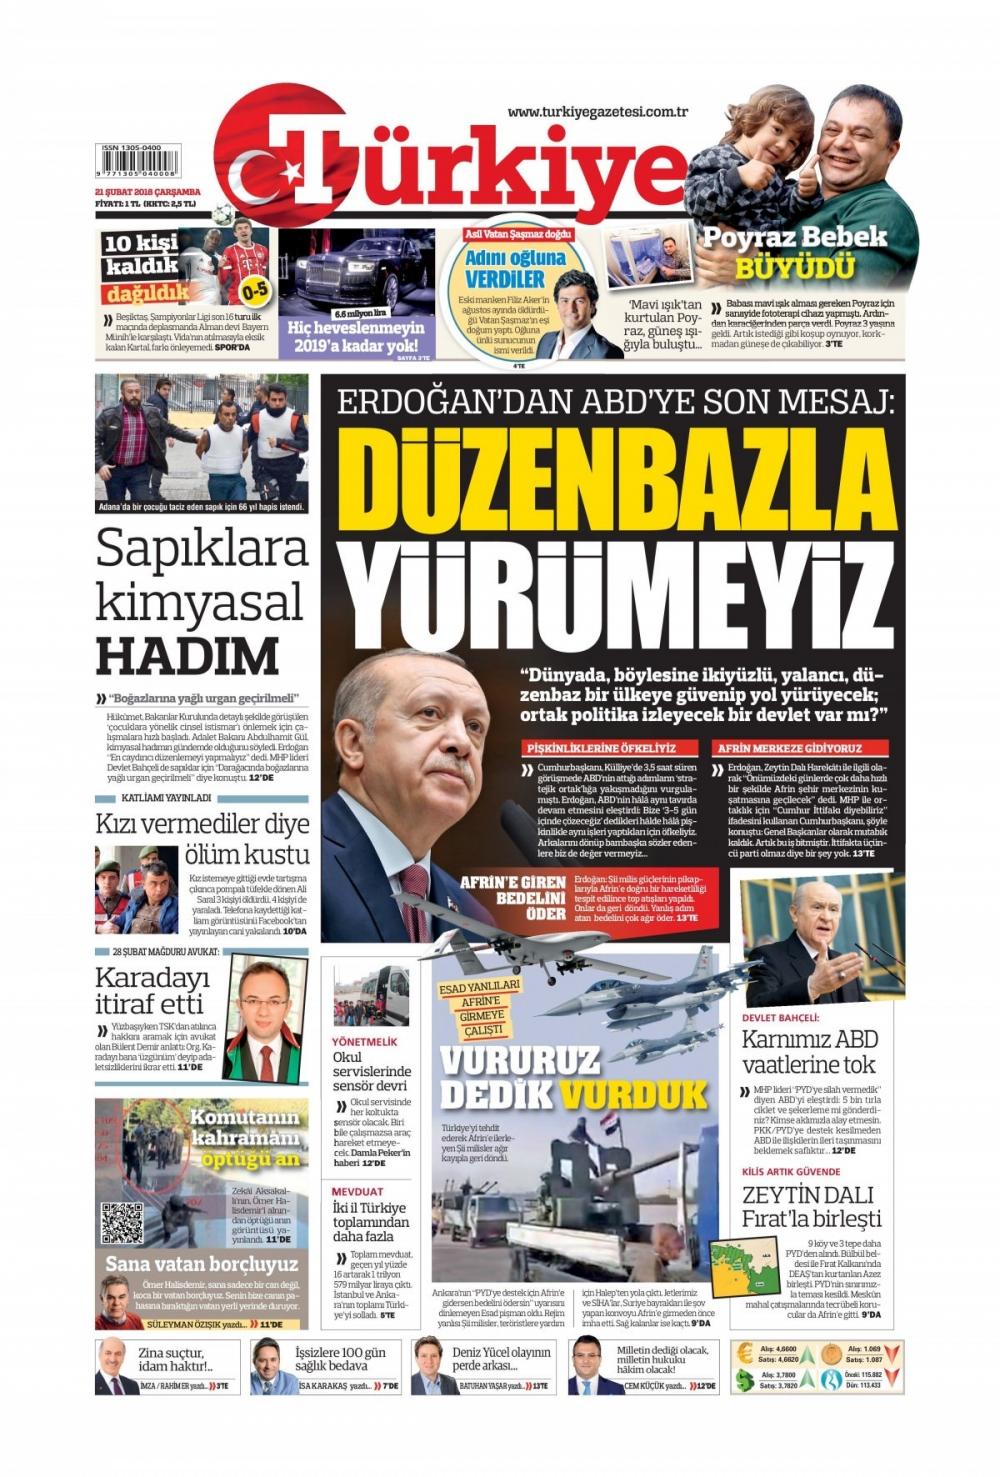 Günün gazete manşetleri (21 Şubat 2018) 1